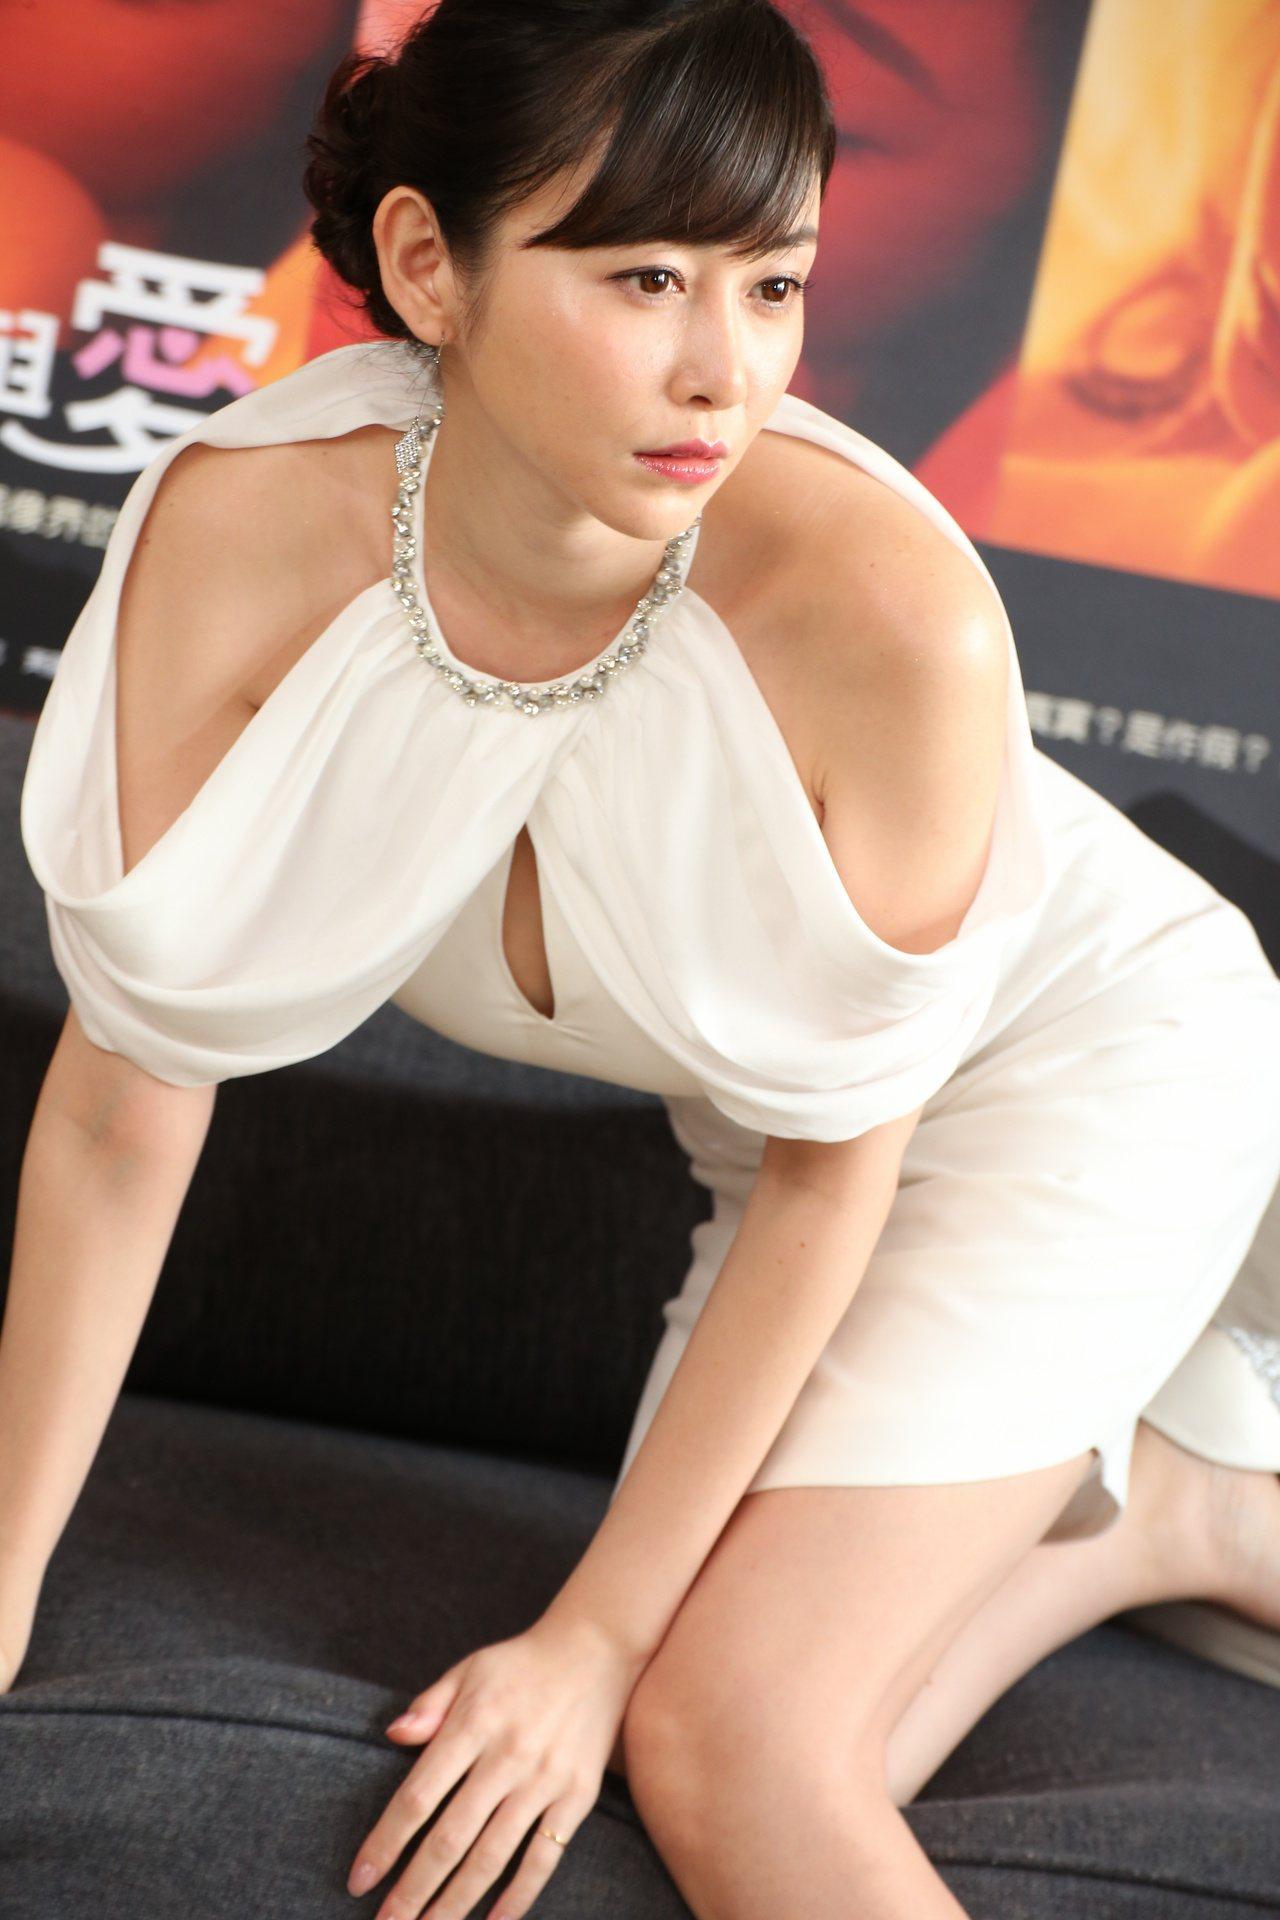 日本寫真女星杉原杏璃來台宣傳。記者陳立凱/攝影